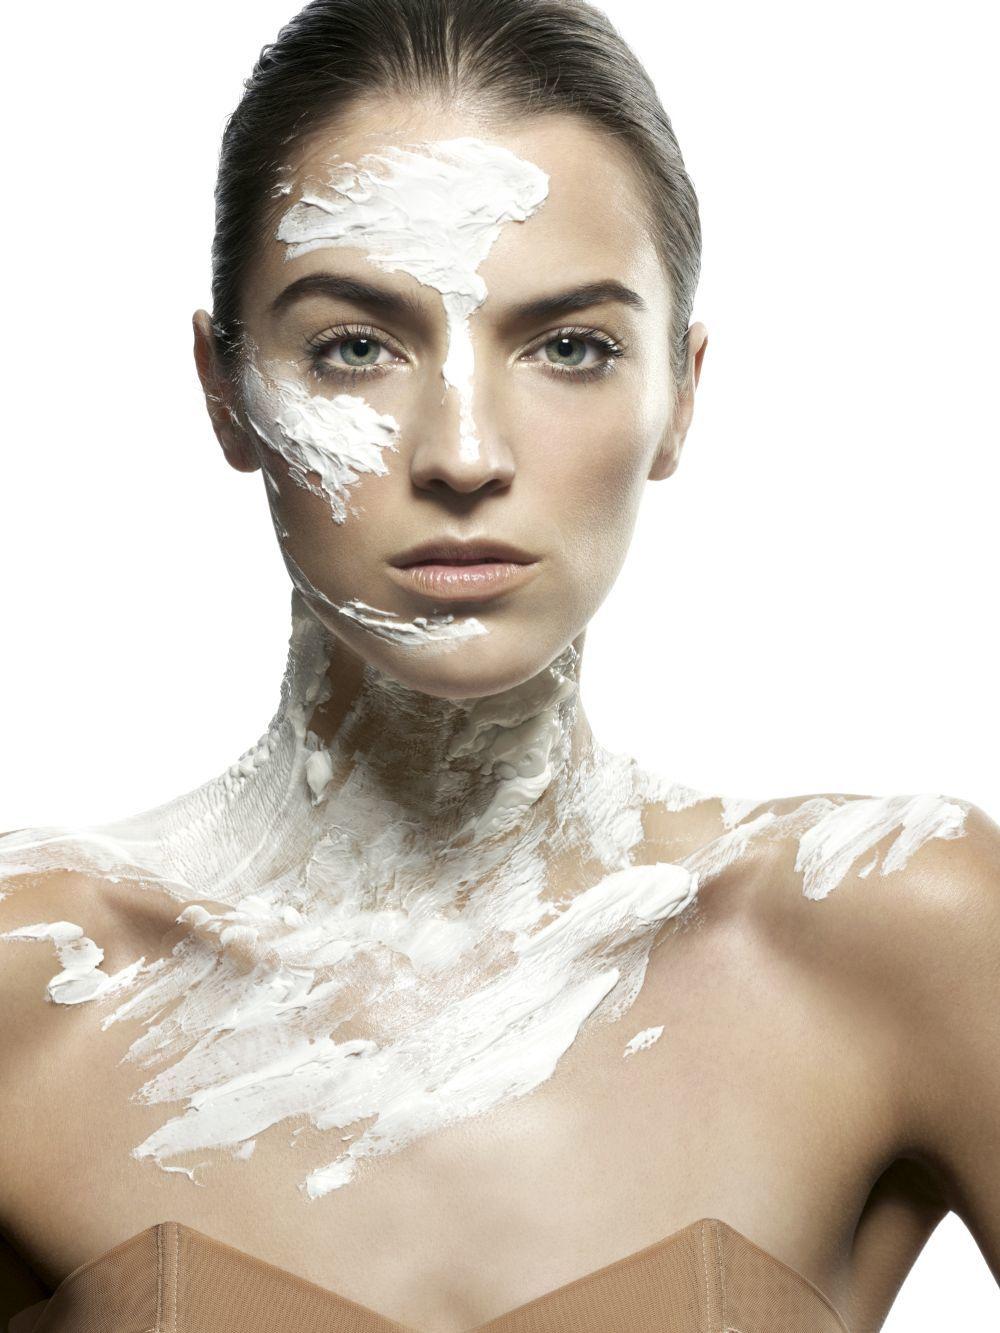 Un 41 por ciento de las mujeres buscamos cremas y productos que...